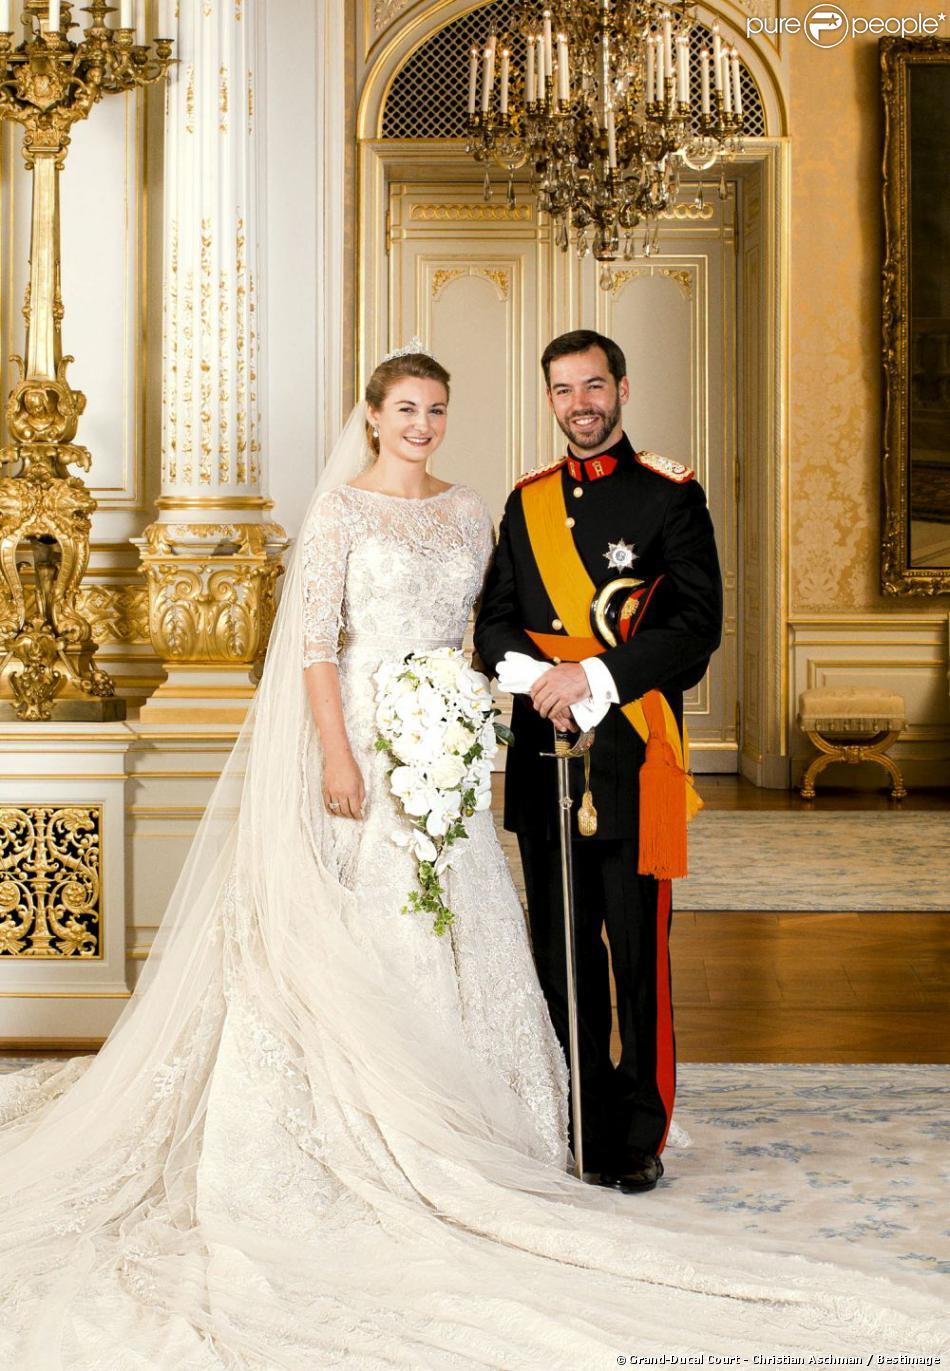 Mariage prince Guillaume , Stéphanie de Lannoy  Portrait officiel des  mariés